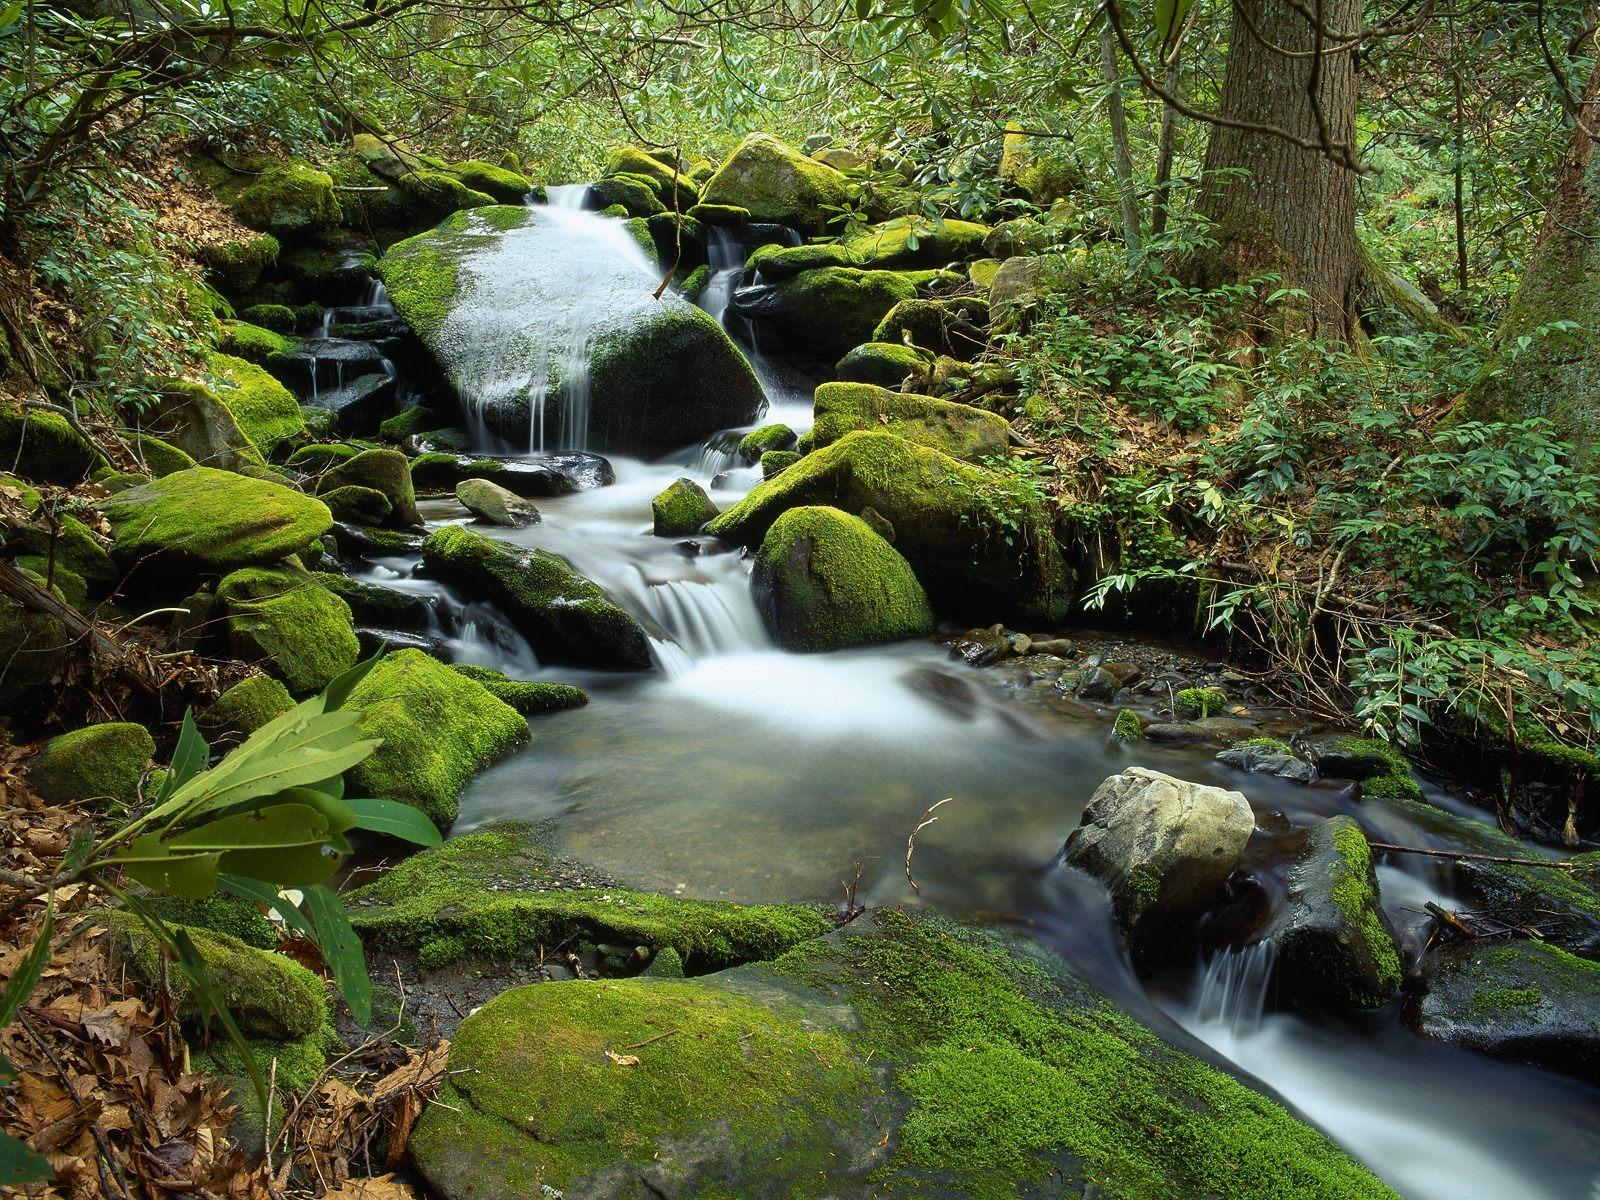 Beautiful Waterfall Wallpaper Rivers Nature Wallpapers in jpg